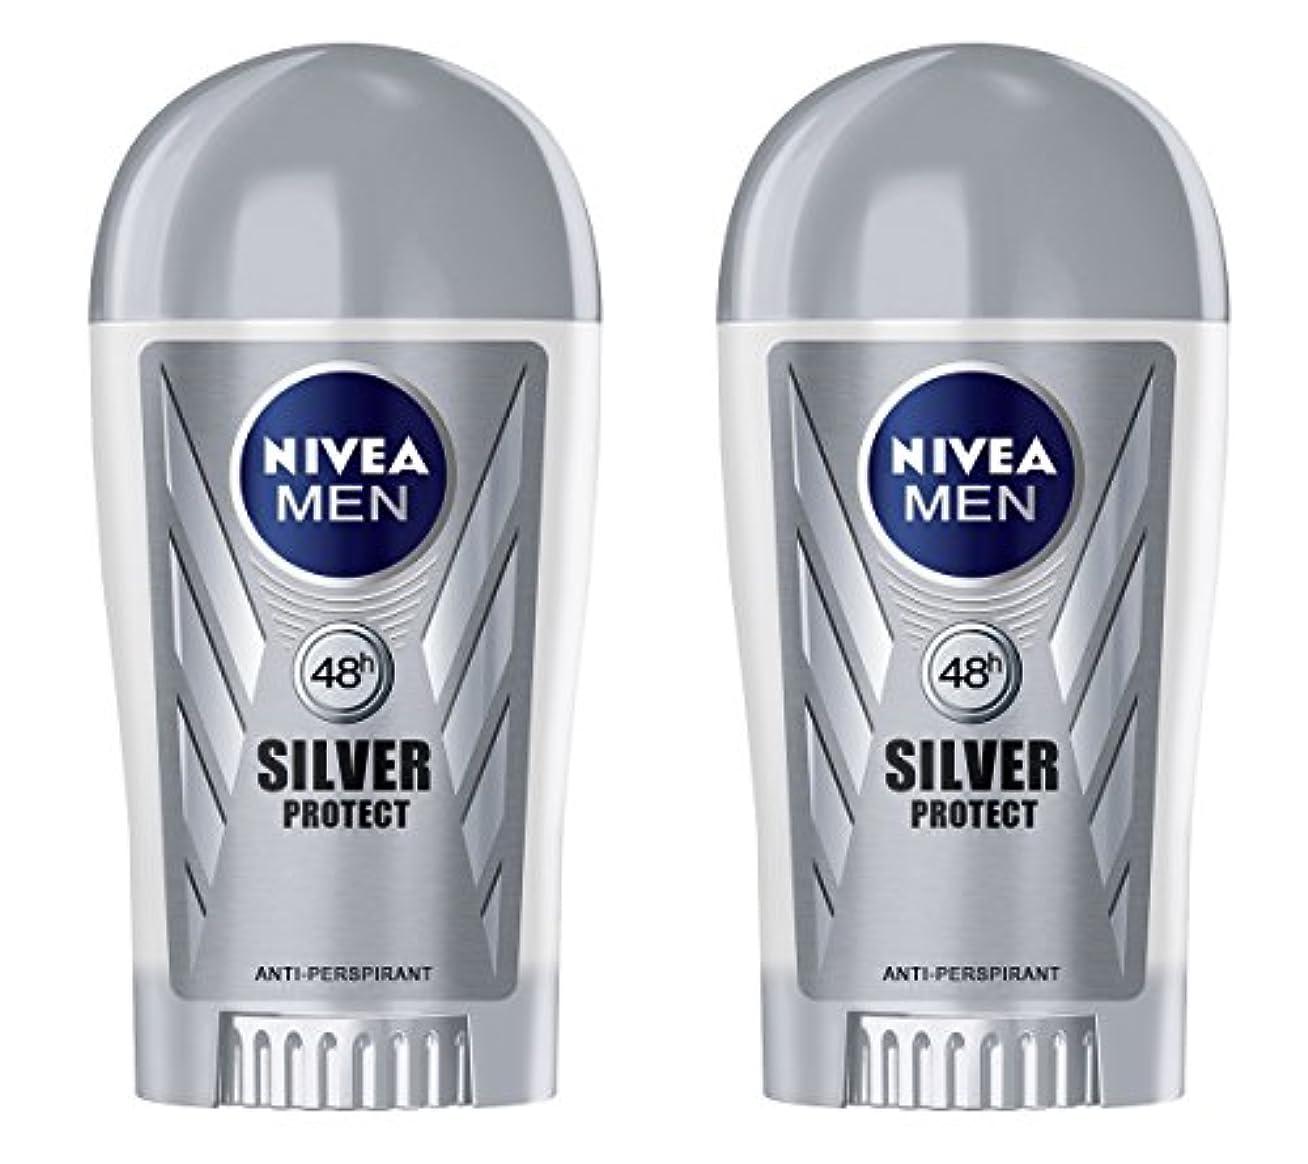 娘高齢者賞(Pack of 2) Nivea Silver Protect Anti-perspirant Deodorant Stick for Men 2x40ml - (2パック) ニベア銀保護する制汗剤デオドラントスティック男性用2x40ml